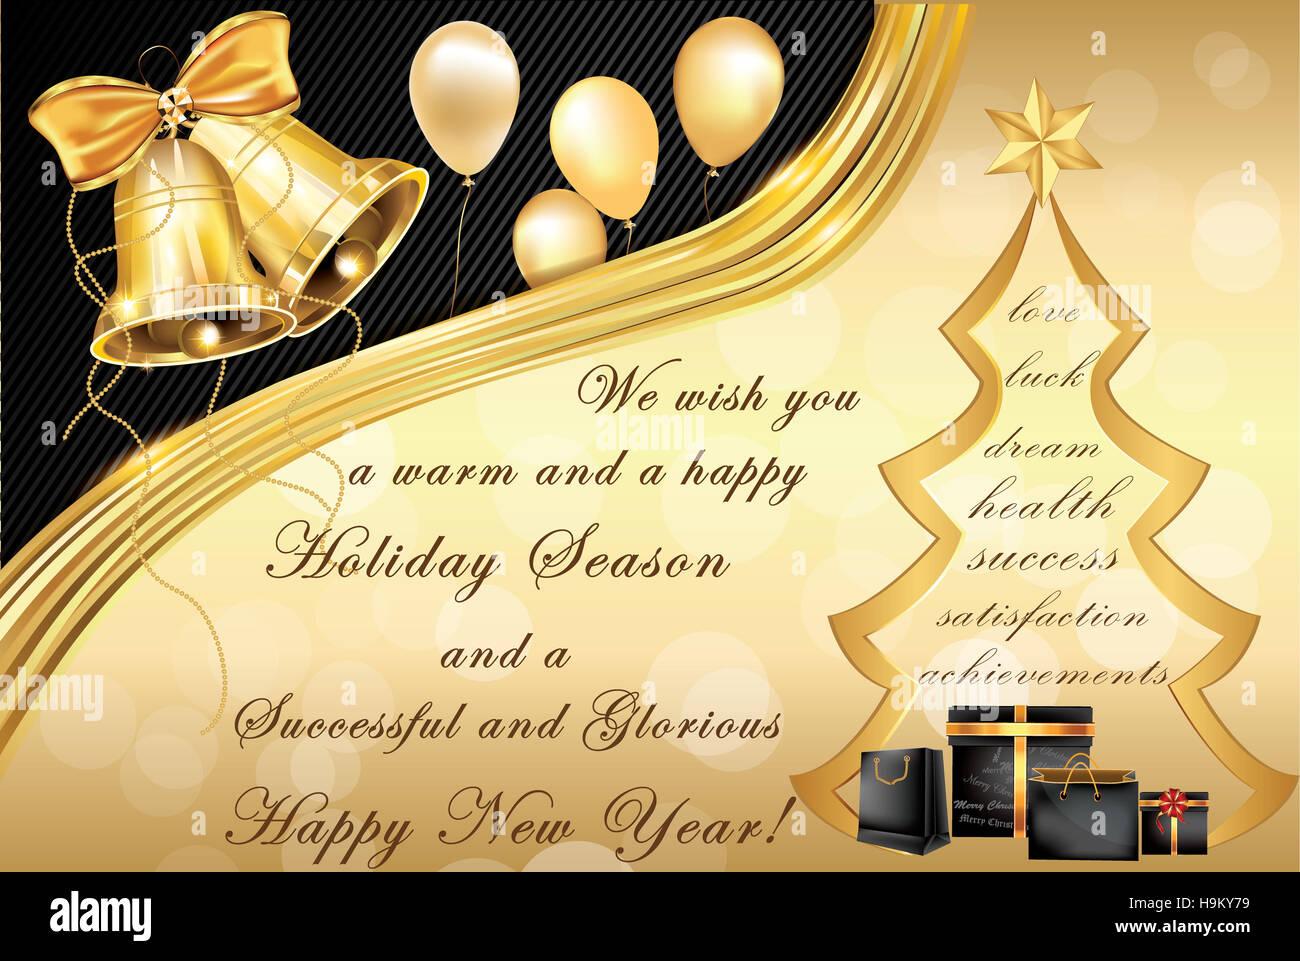 Weihnachtsbaum Der Guten Wünsche.Elegante Corporate Weihnachten Und Neujahr Grußkarte Enthält Jingle